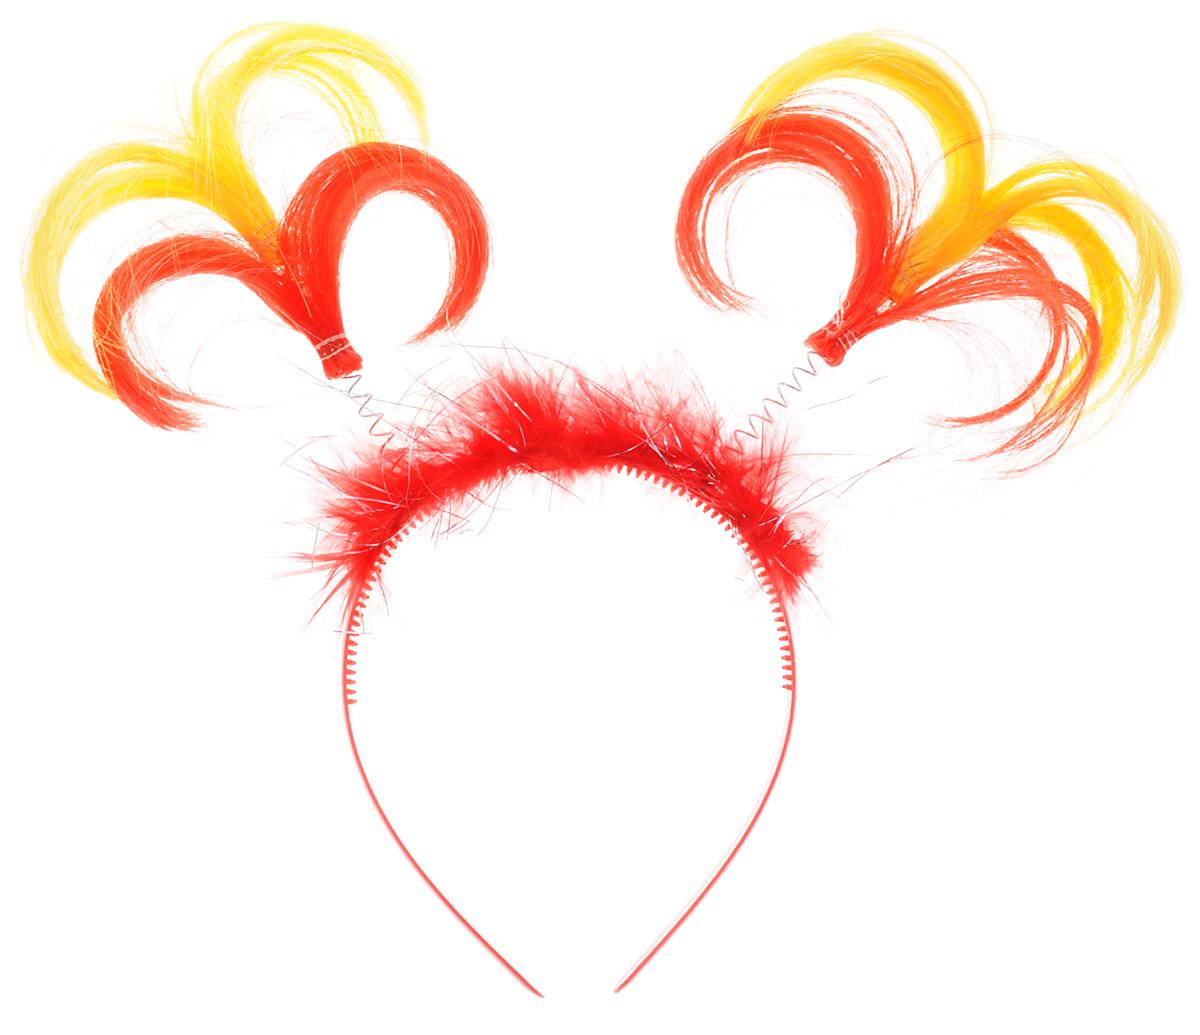 Феникс-Презент Ободок маскарадный Пеппи цвет красный желтый34605_ красный, желтыйМаскарадный ободок Феникс-Презент Пеппи выполнен из пластика и дополнен хвостиками из полиэстера на металлических пружинах. Ободок имеет универсальный размер. Если у вас намечается веселая вечеринка или маскарад, то такой аксессуар легко поможет создать праздничный наряд. Внесите нотку задора и веселья в ваш праздник. Веселое настроение и масса положительных эмоций вам будут обеспечены!